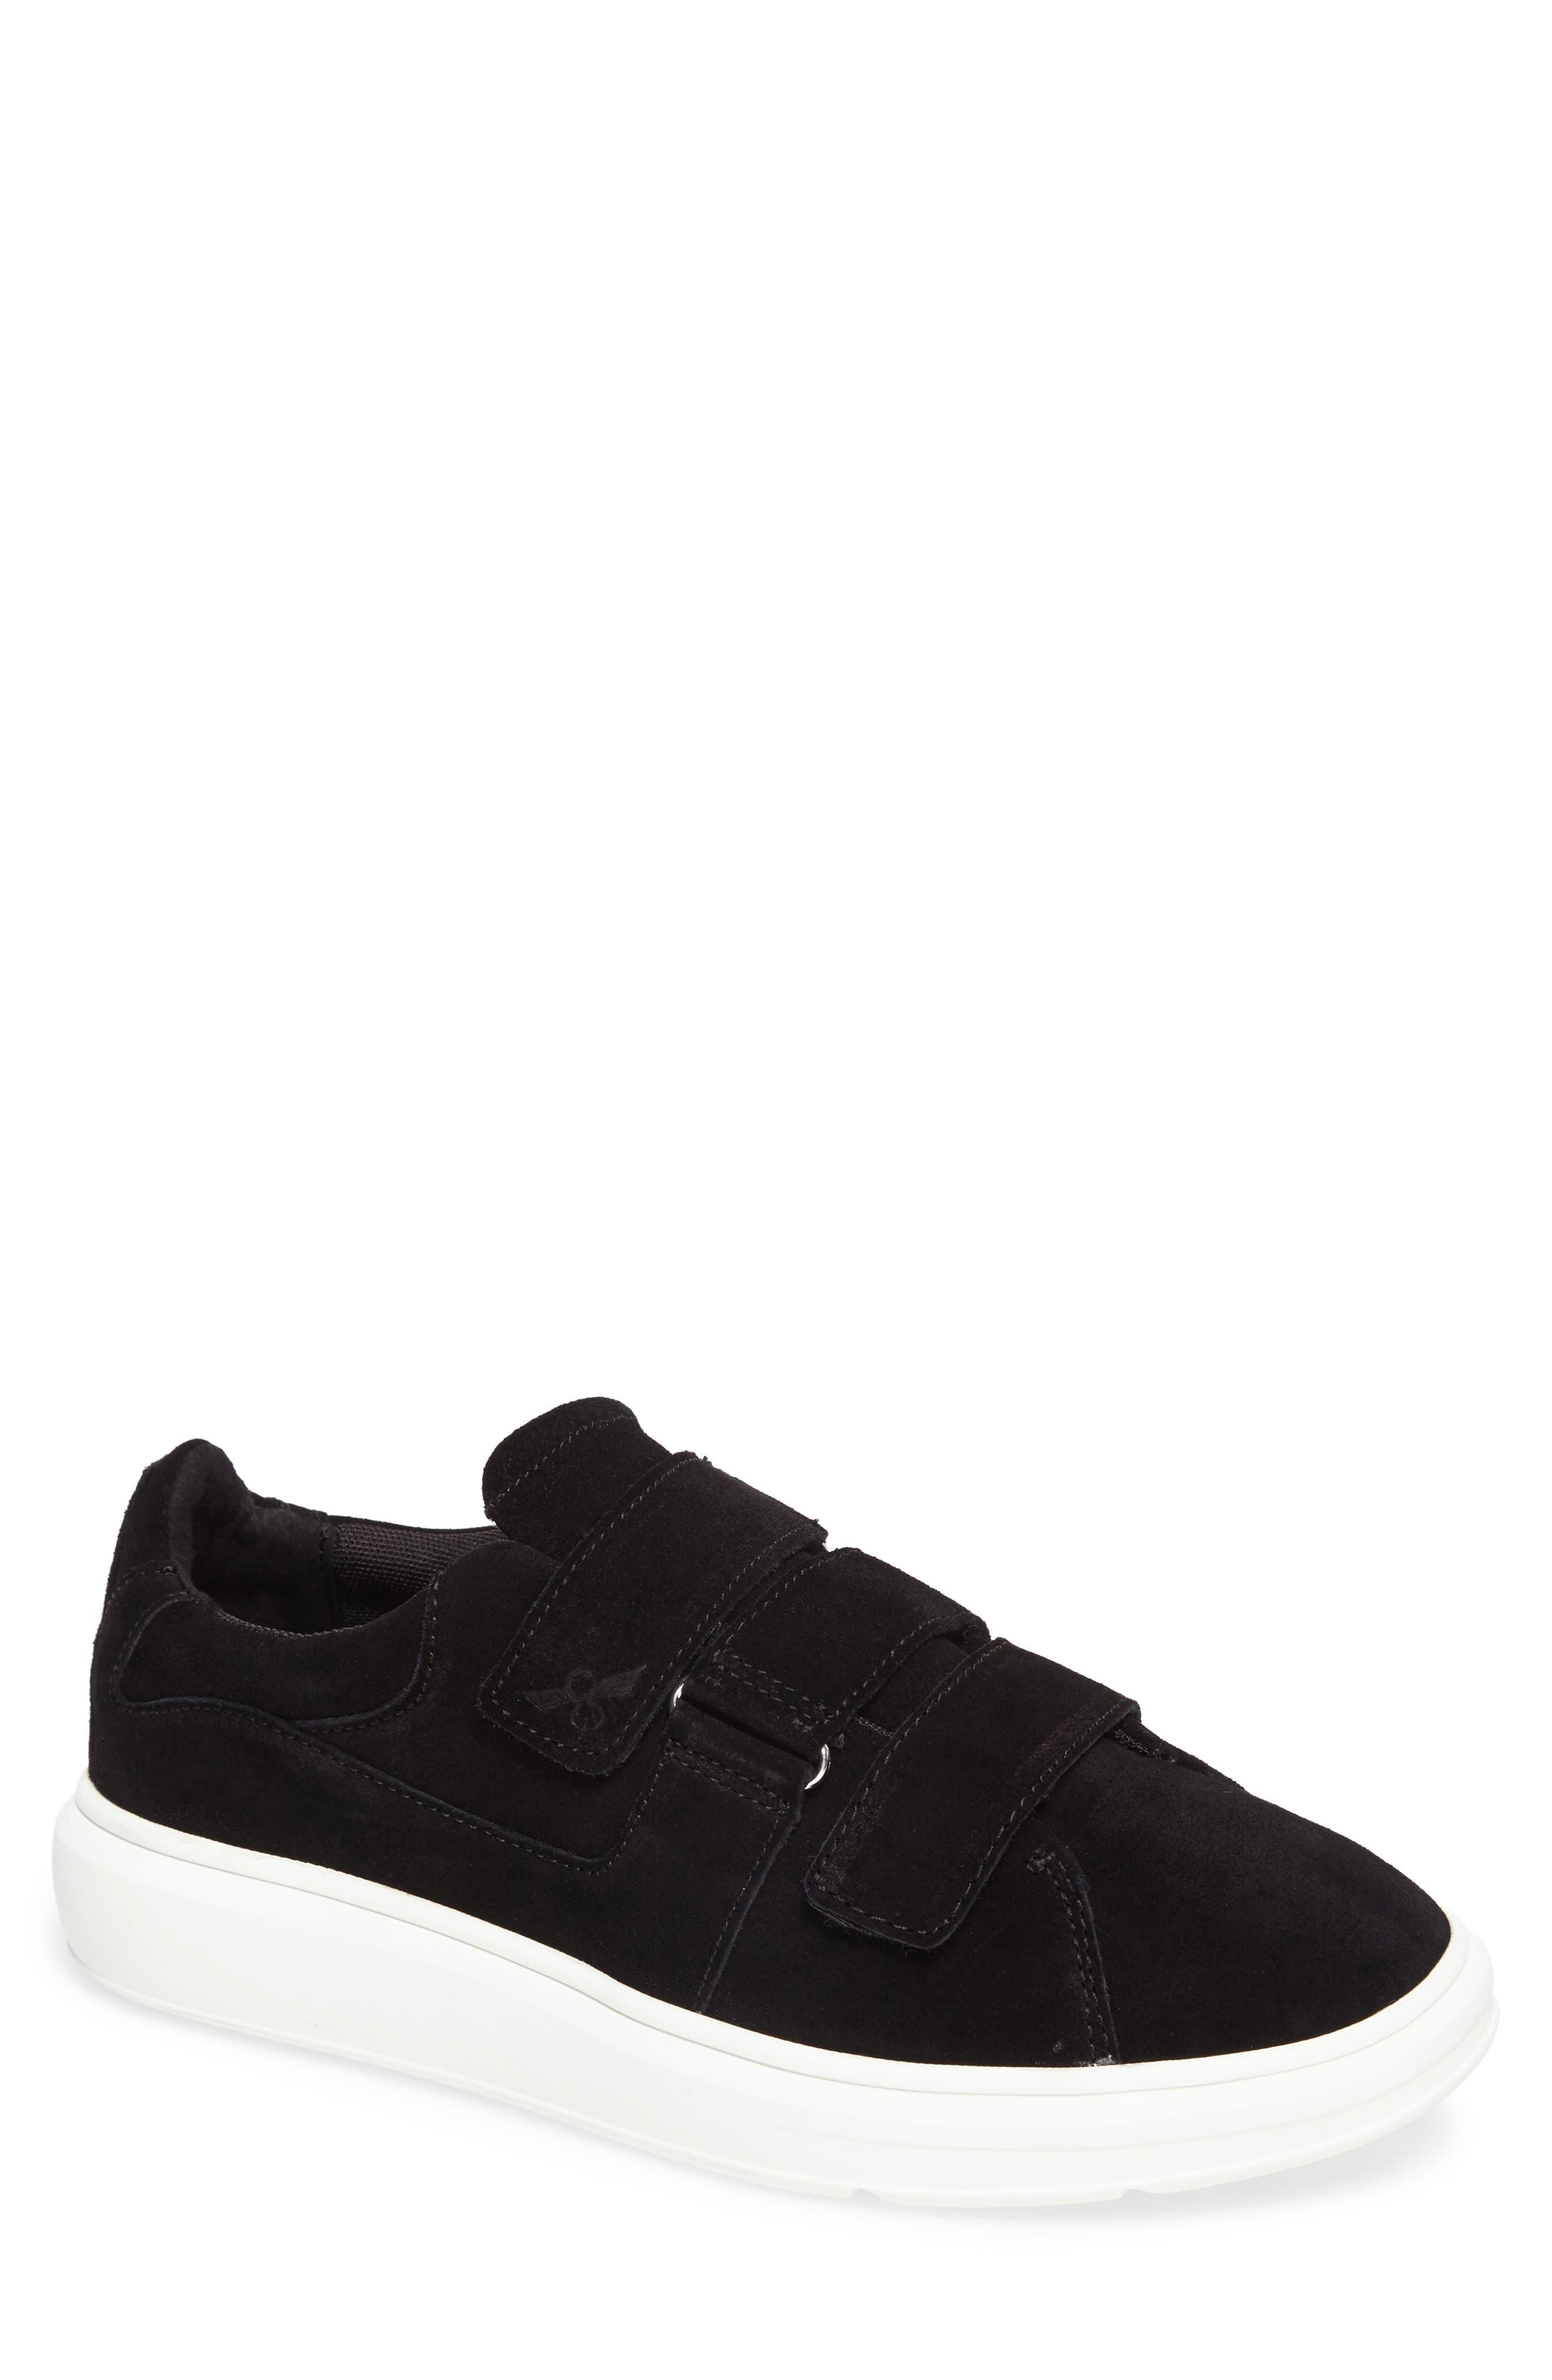 Meleti Sneaker,                             Main thumbnail 1, color,                             001